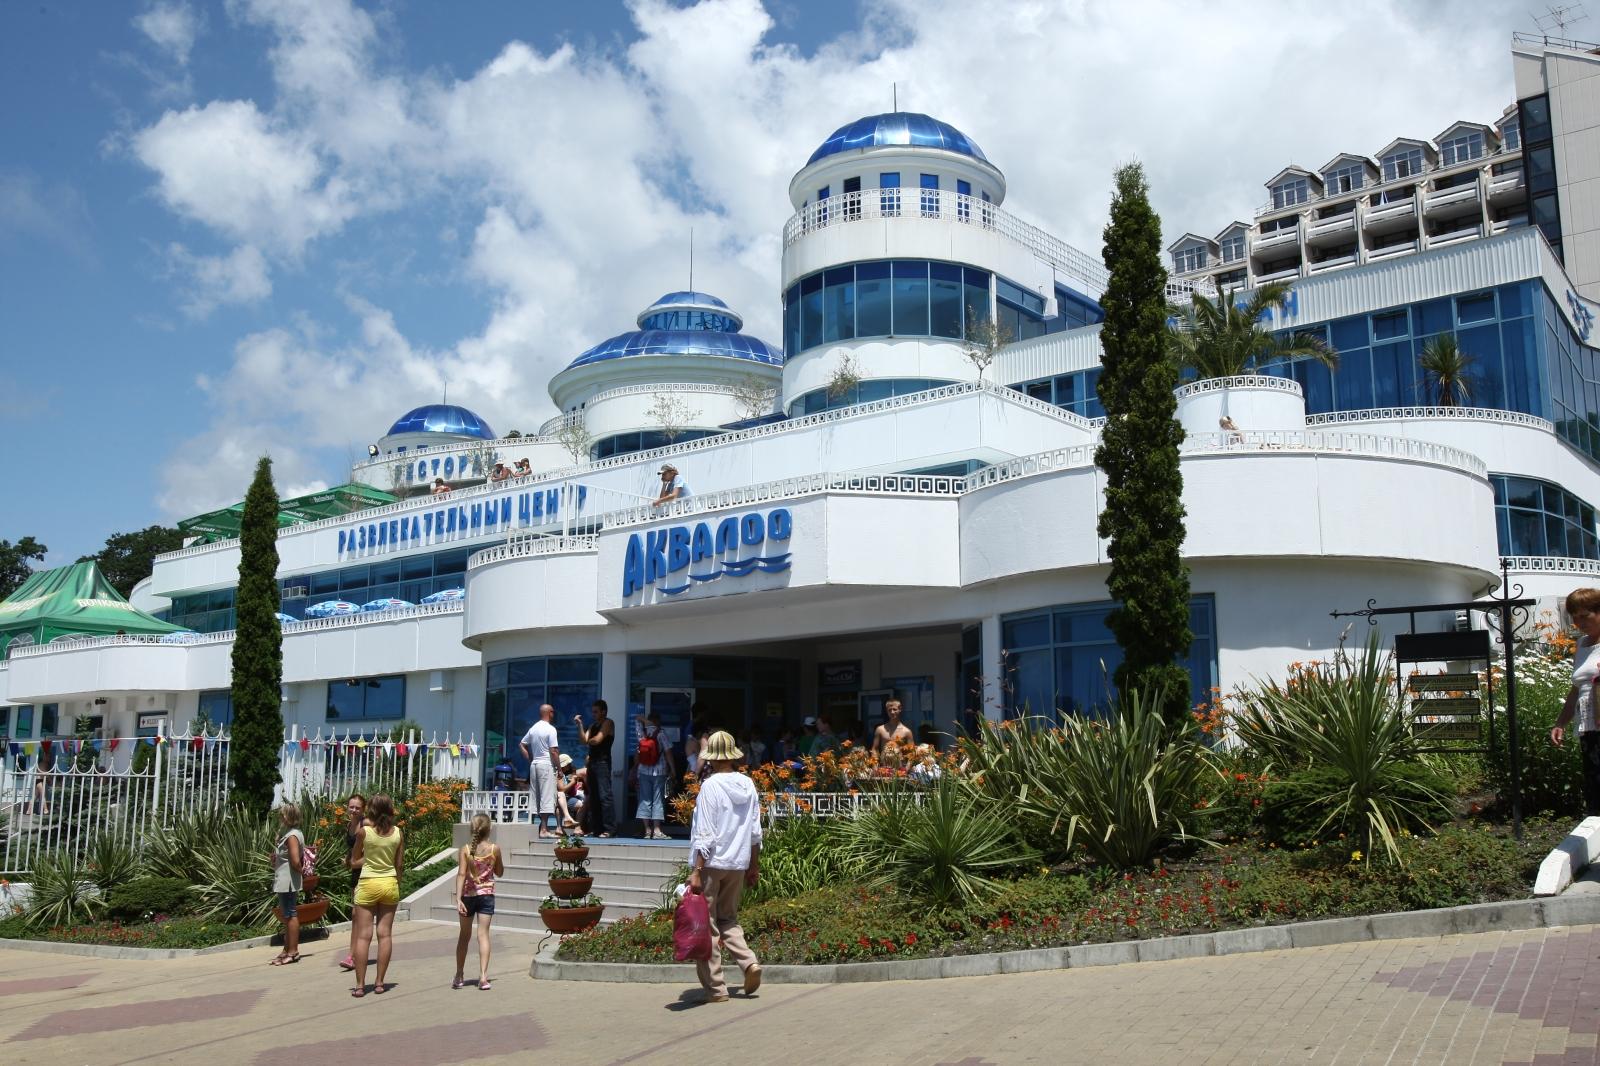 санаторий аквалоо фото дом меридиан предоставляет